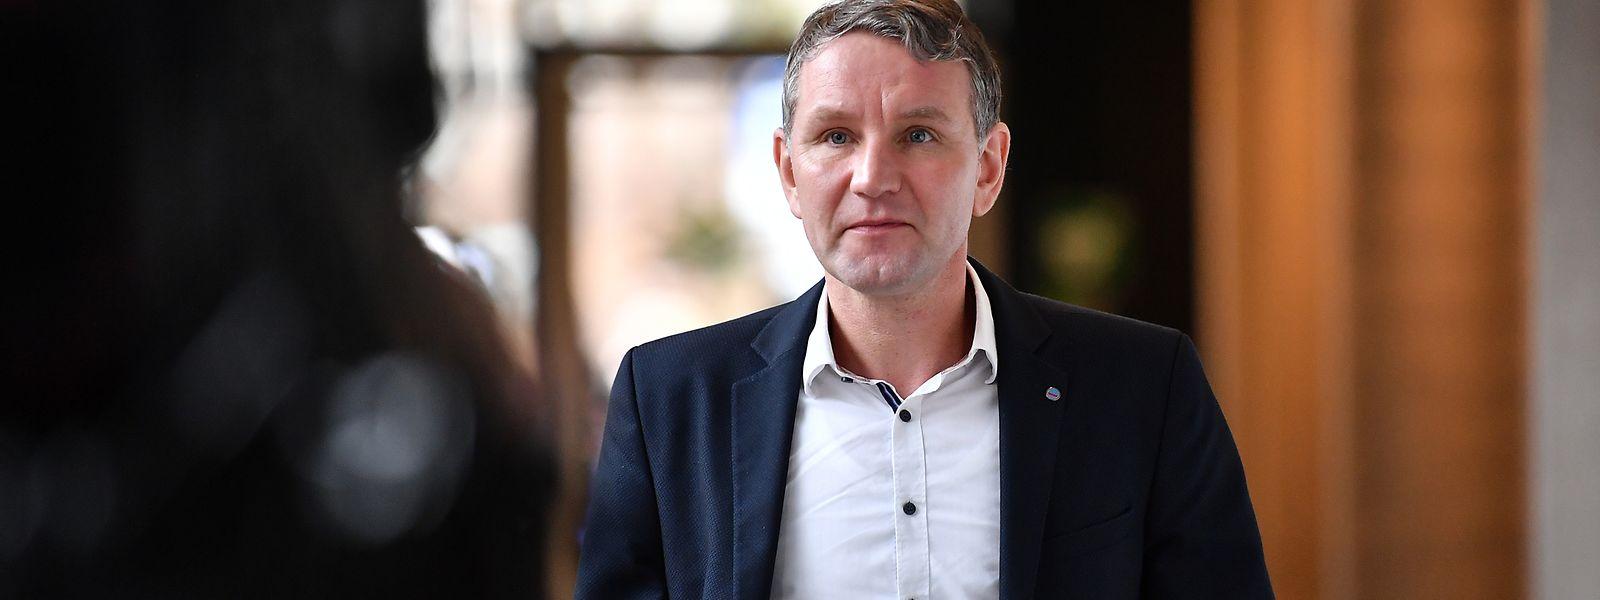 """Björn Höcke ist Vorsitzender der AfD-Fraktion im Landtag von Thüringen und einer der Köpfe des """"Flügel""""."""